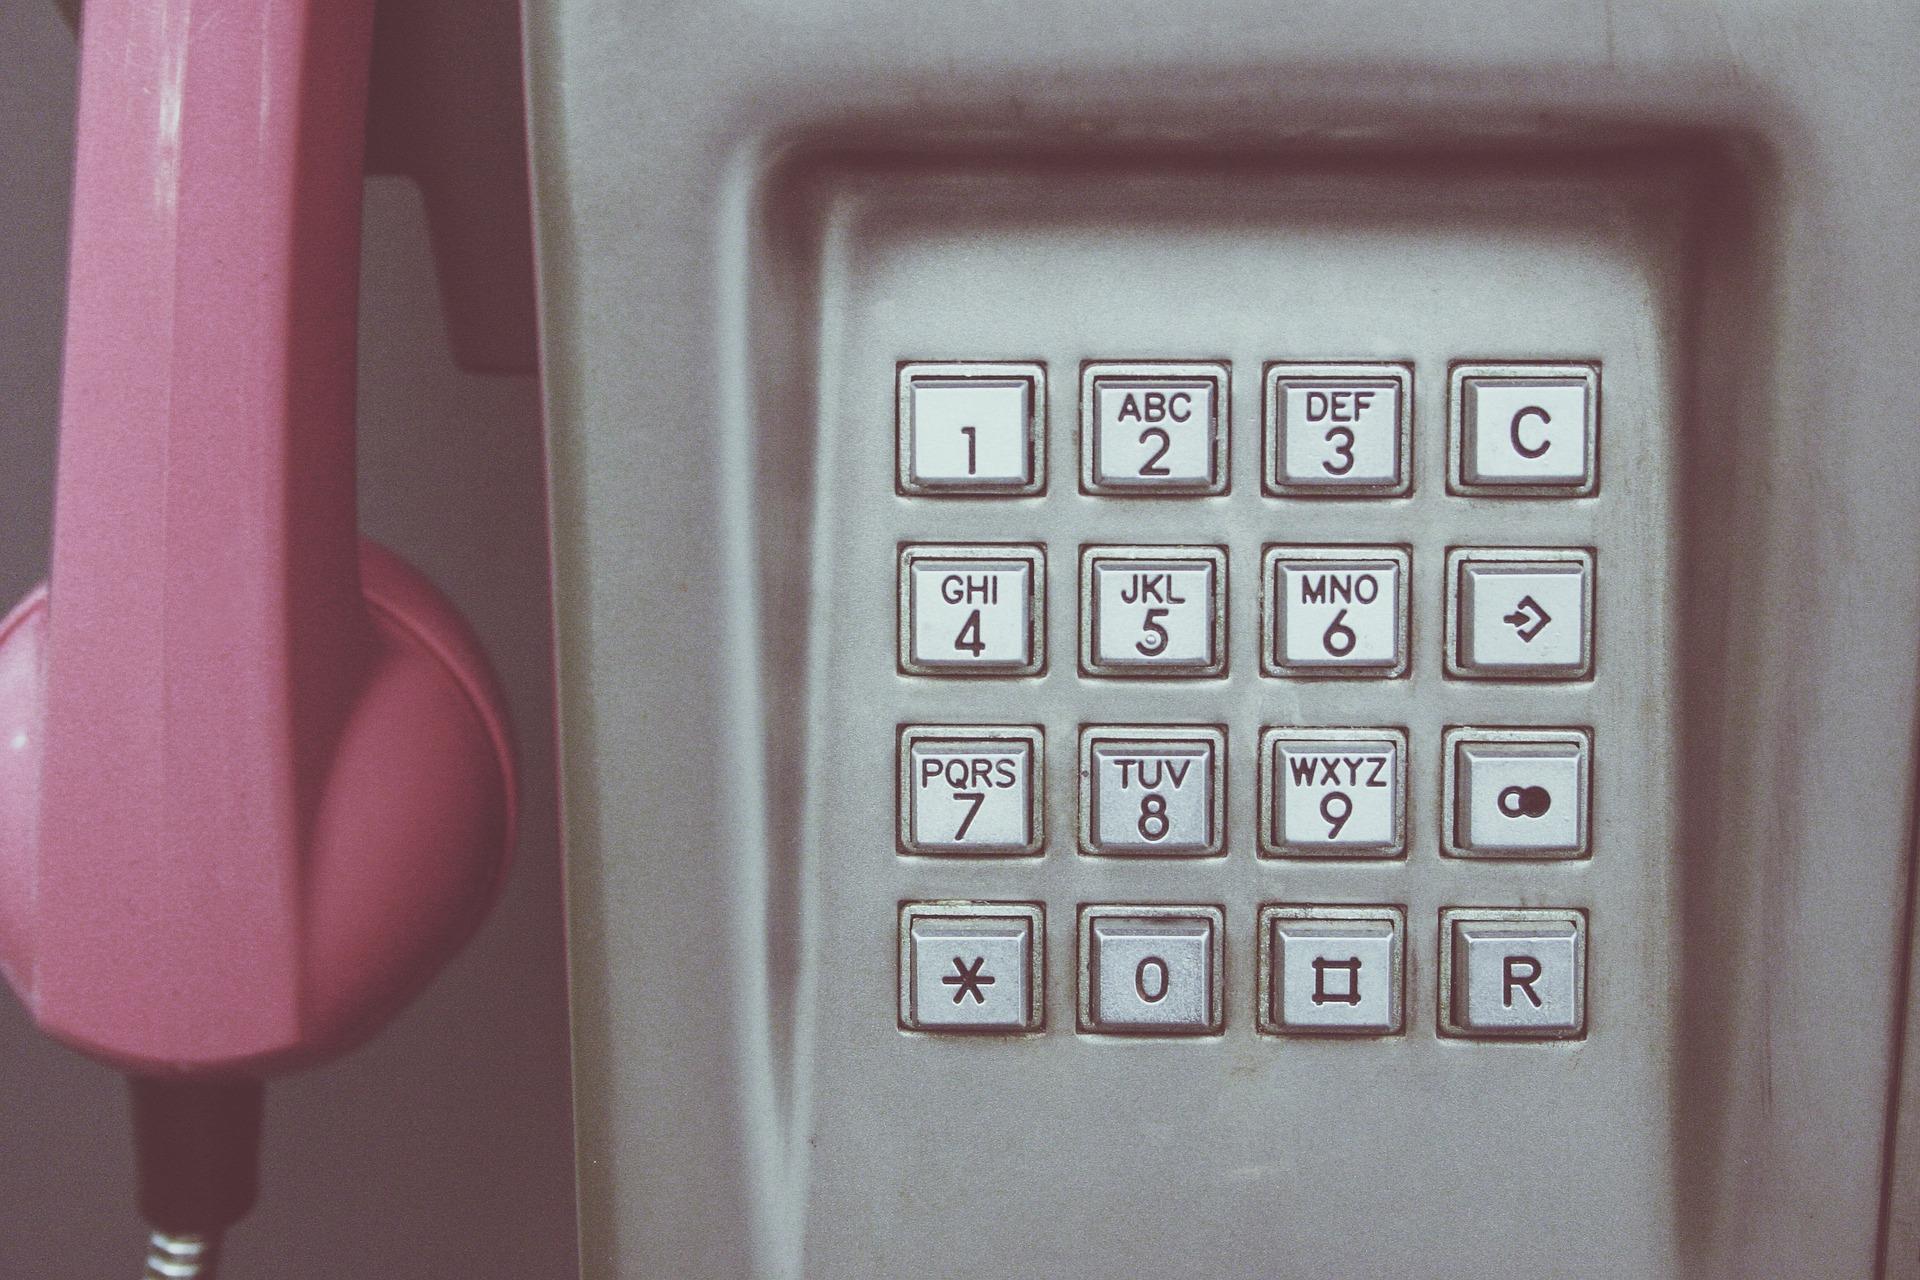 Puhelimen näppäimistö